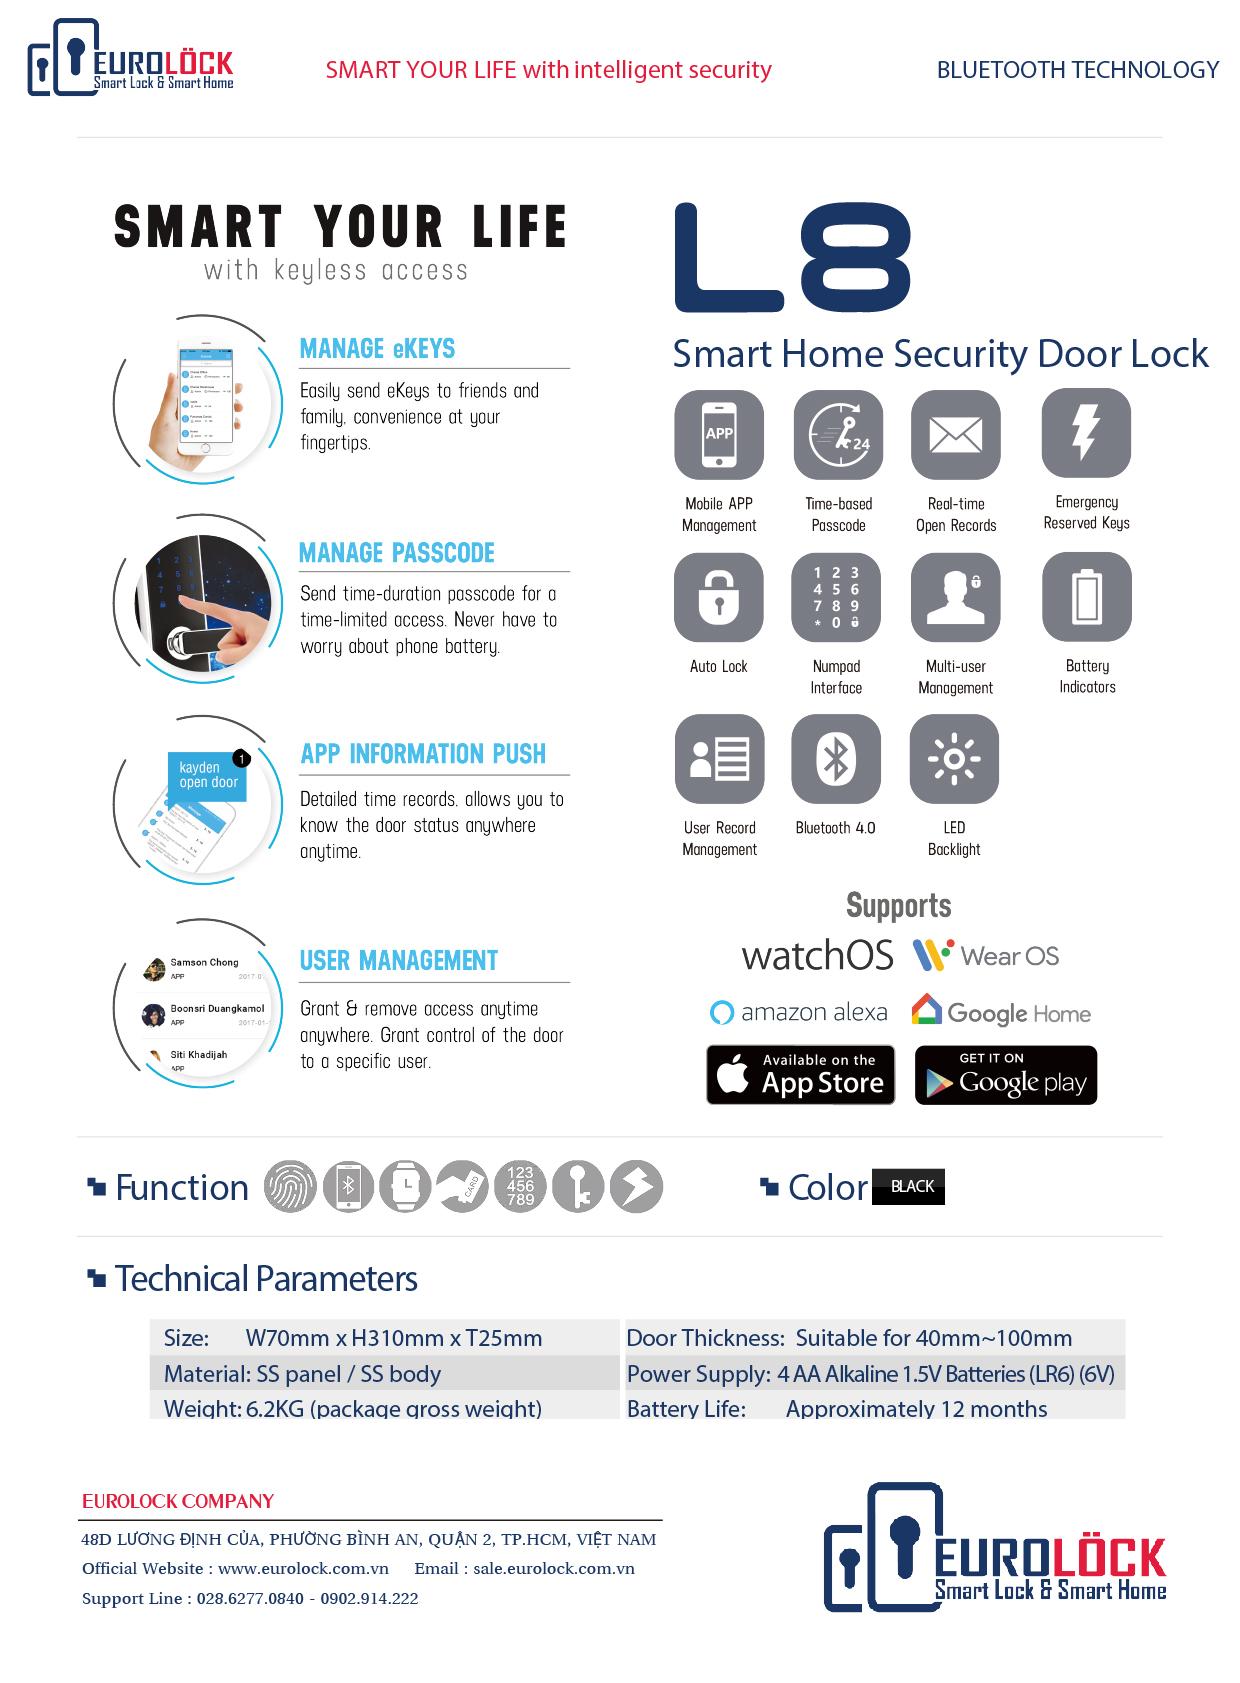 Khóa điện tử Airbnb Eurolock L8